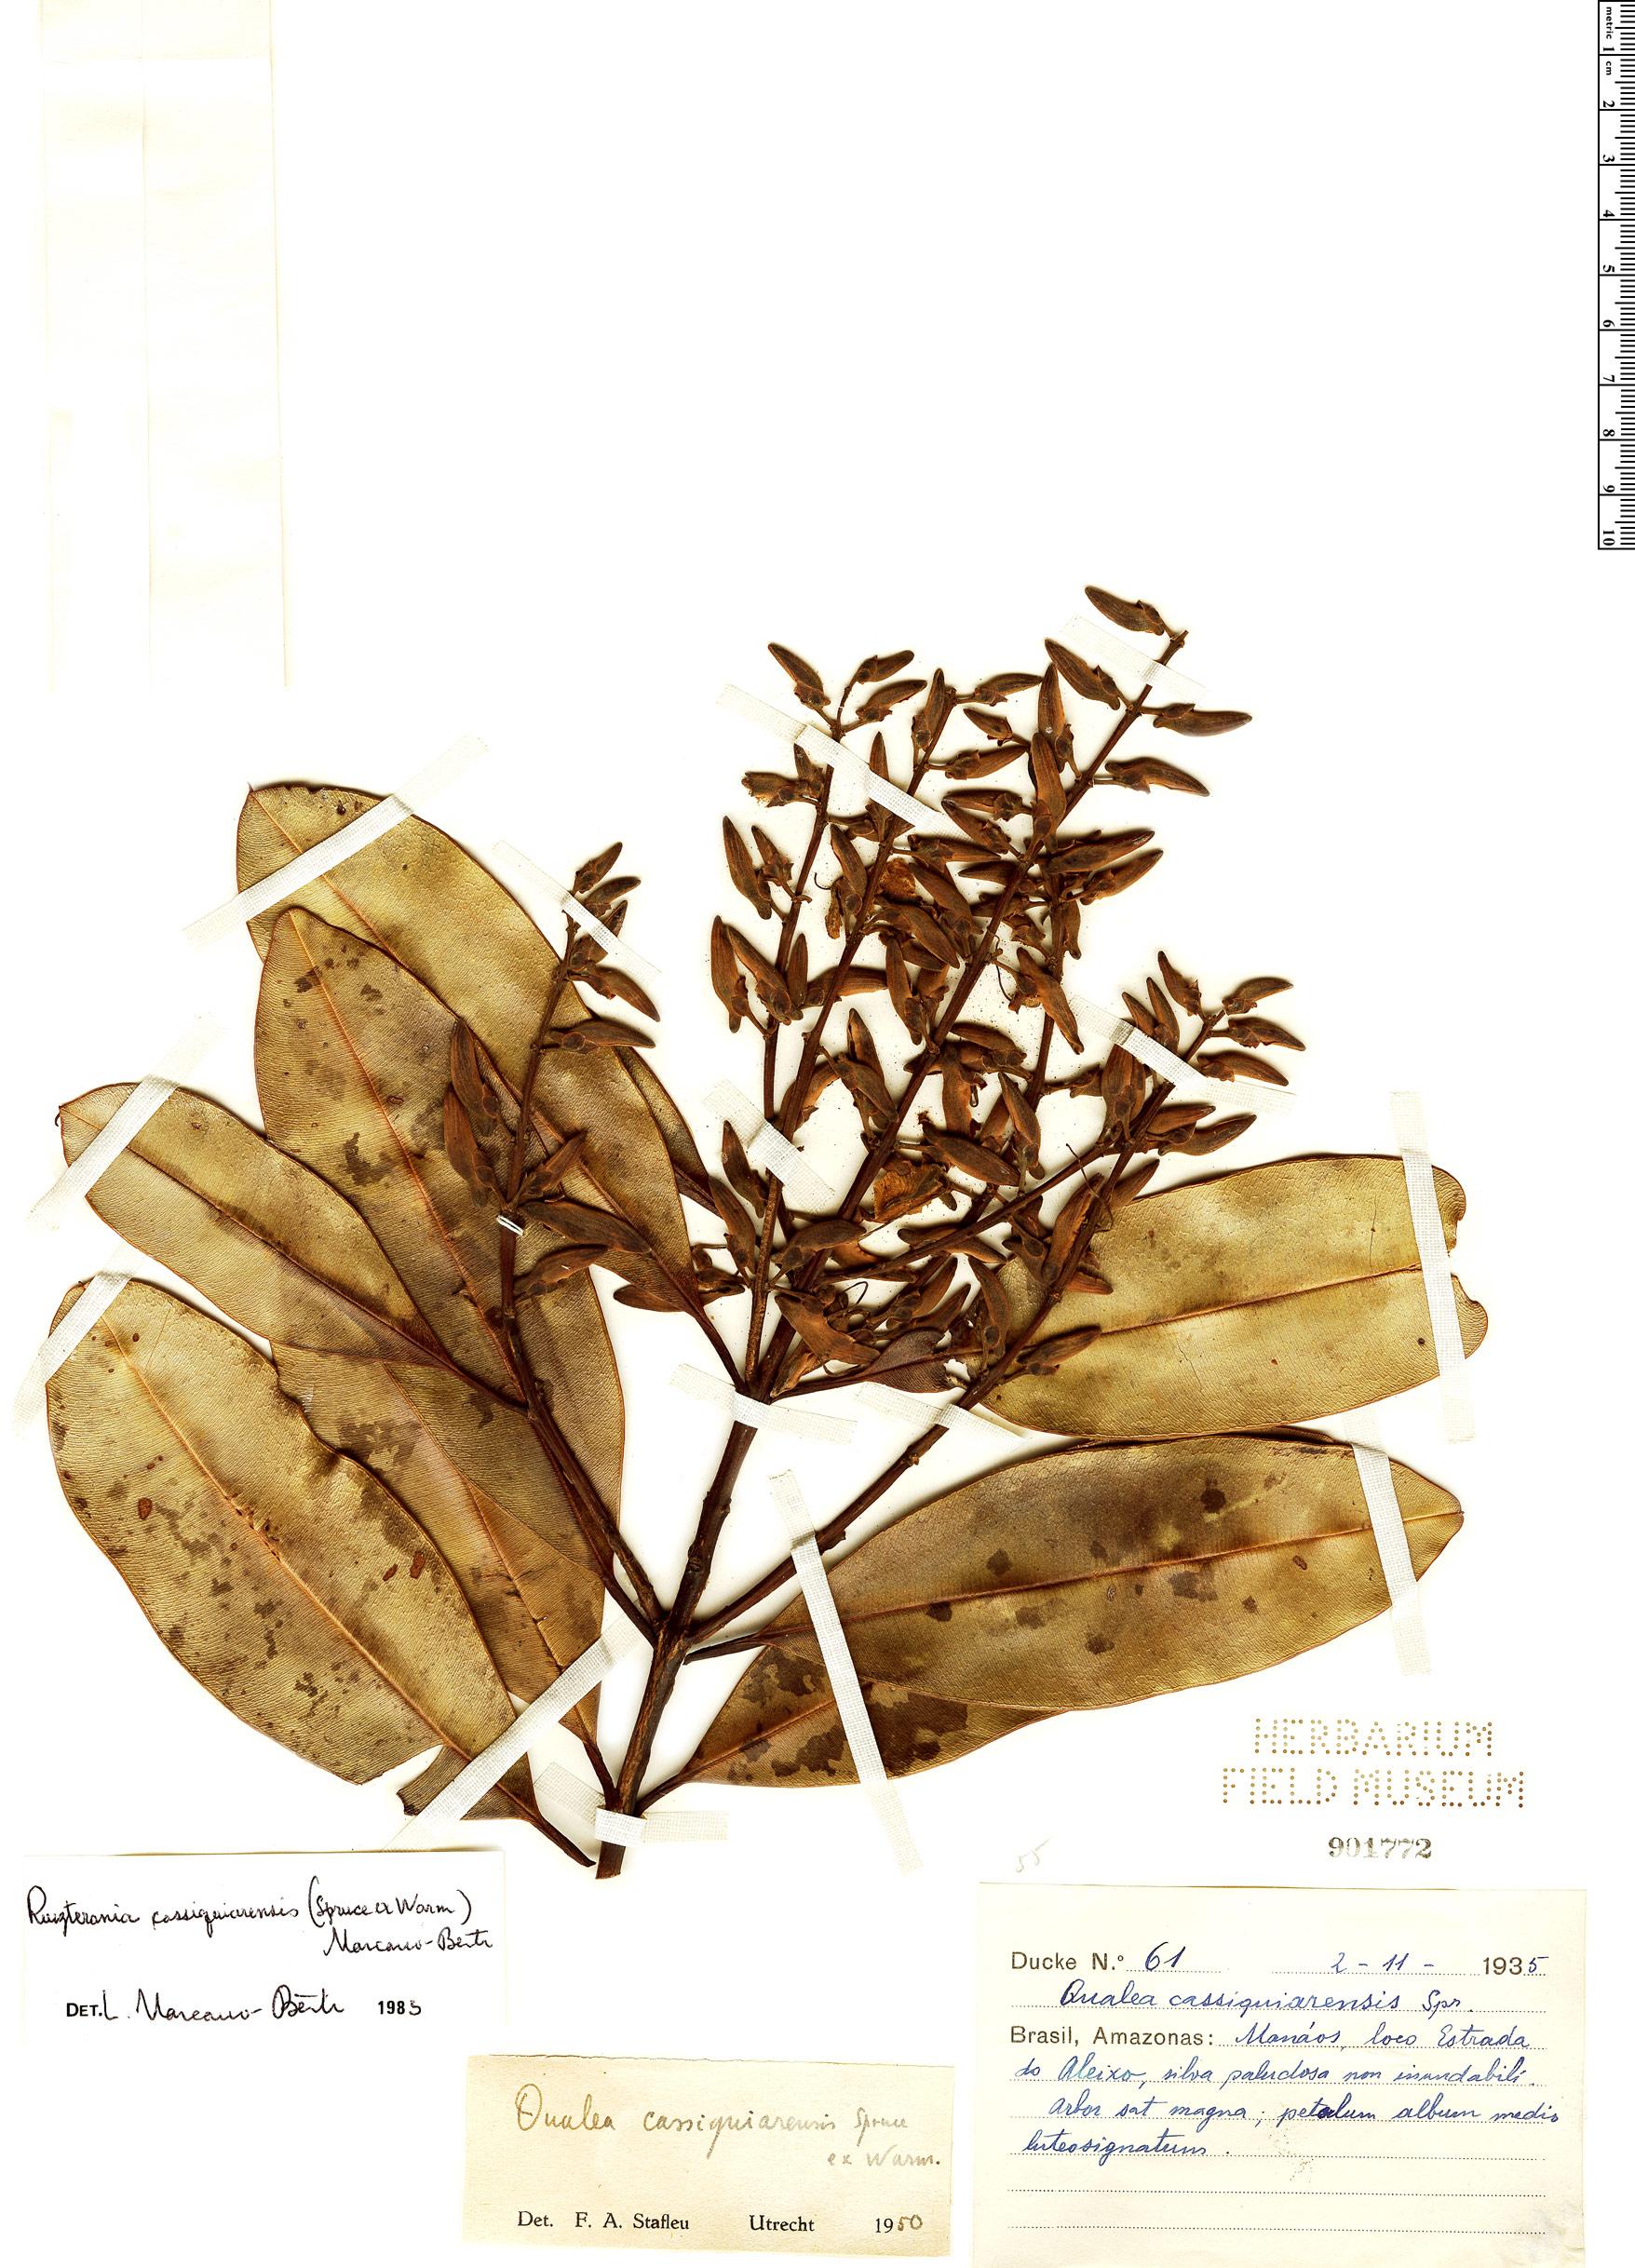 Specimen: Qualea cassiquiarensis